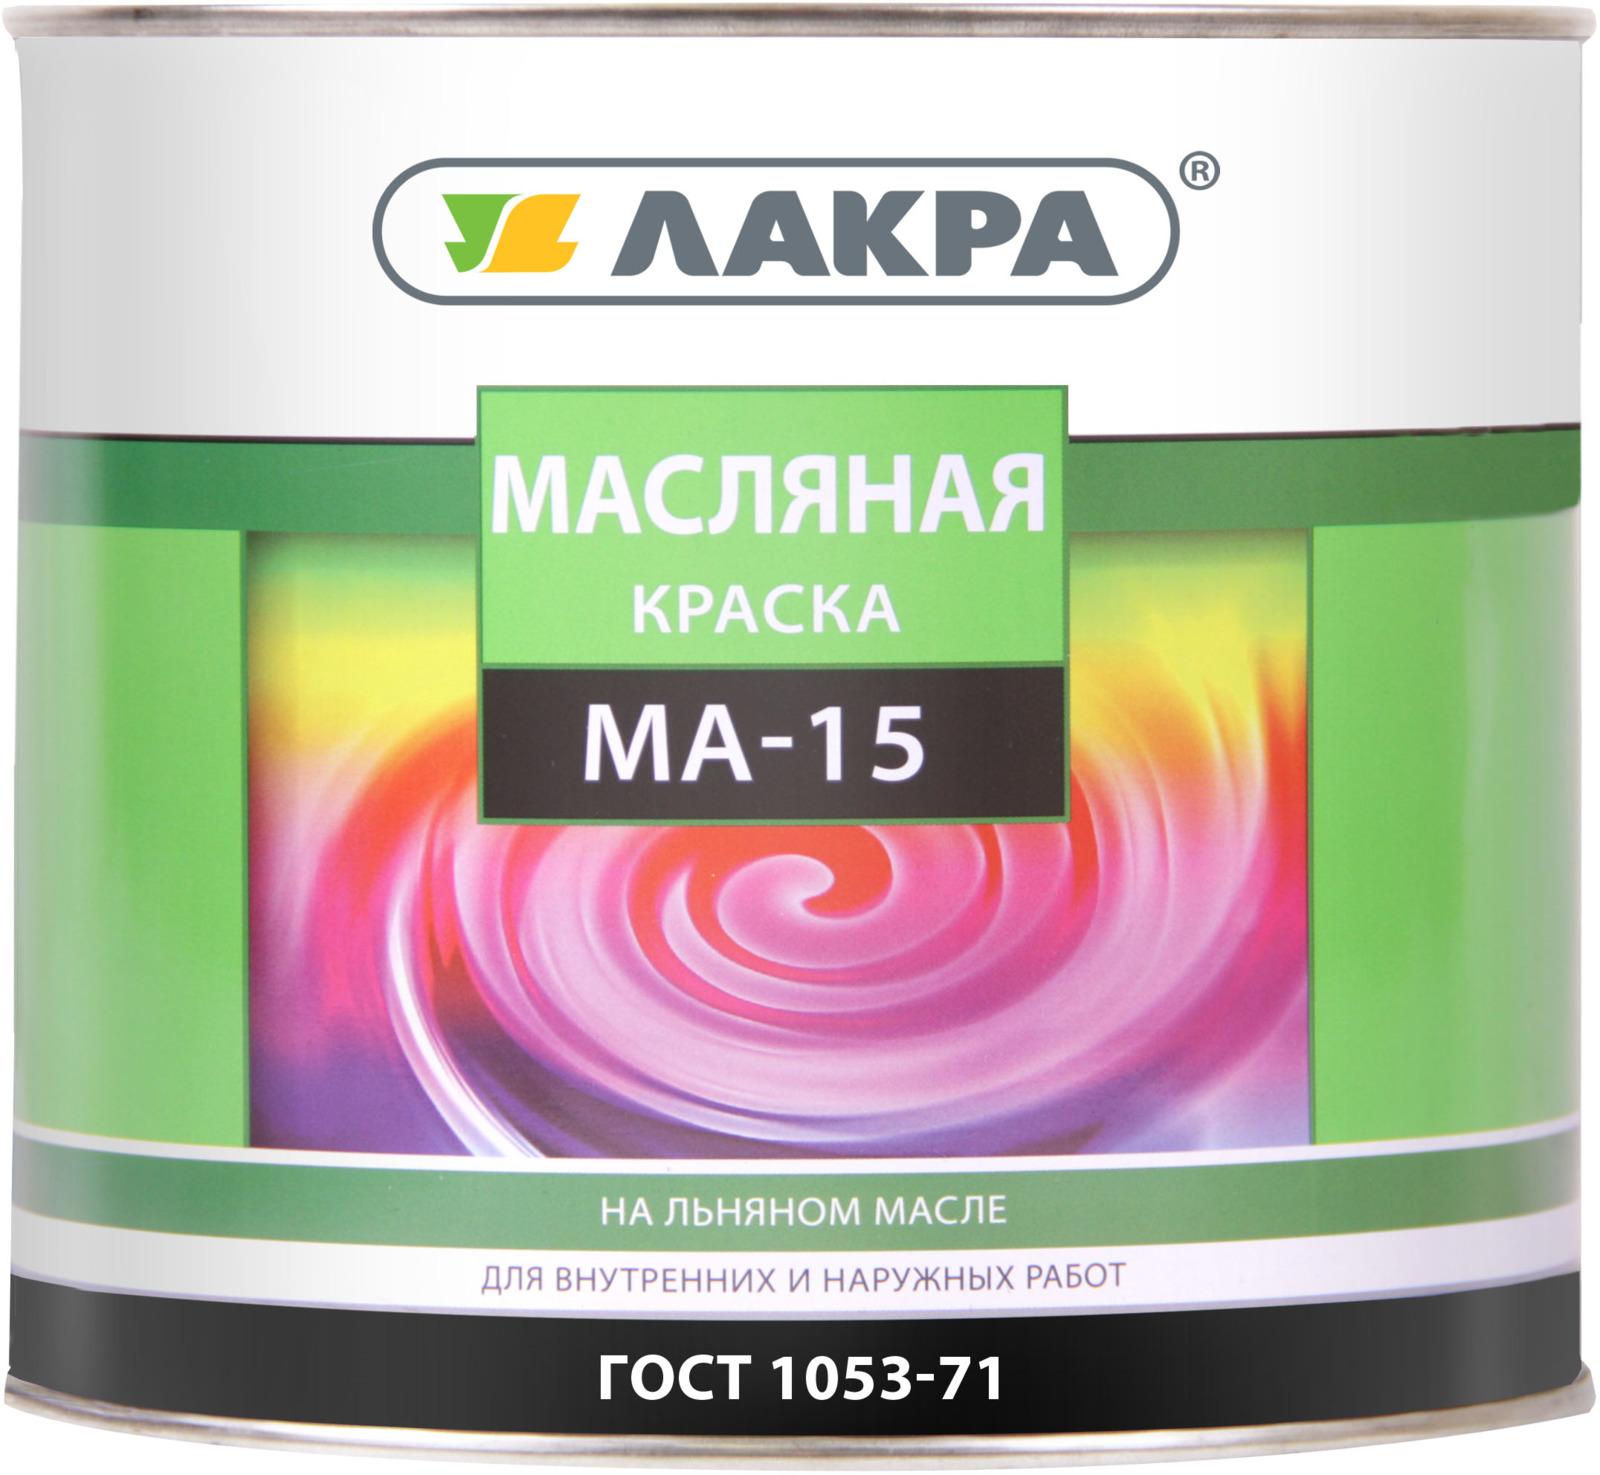 Краска Лакра МА-15, коричневый, 900 г4603292010861Предназначена для окраски деревянных и металлических поверхностей, подвергающихся атмосферным воздействиям, а также для внутренних отделочных работ за исключением окраски полов. Высококачественная готовая к применению масляная краска, изготовленная на основе льняного масла.